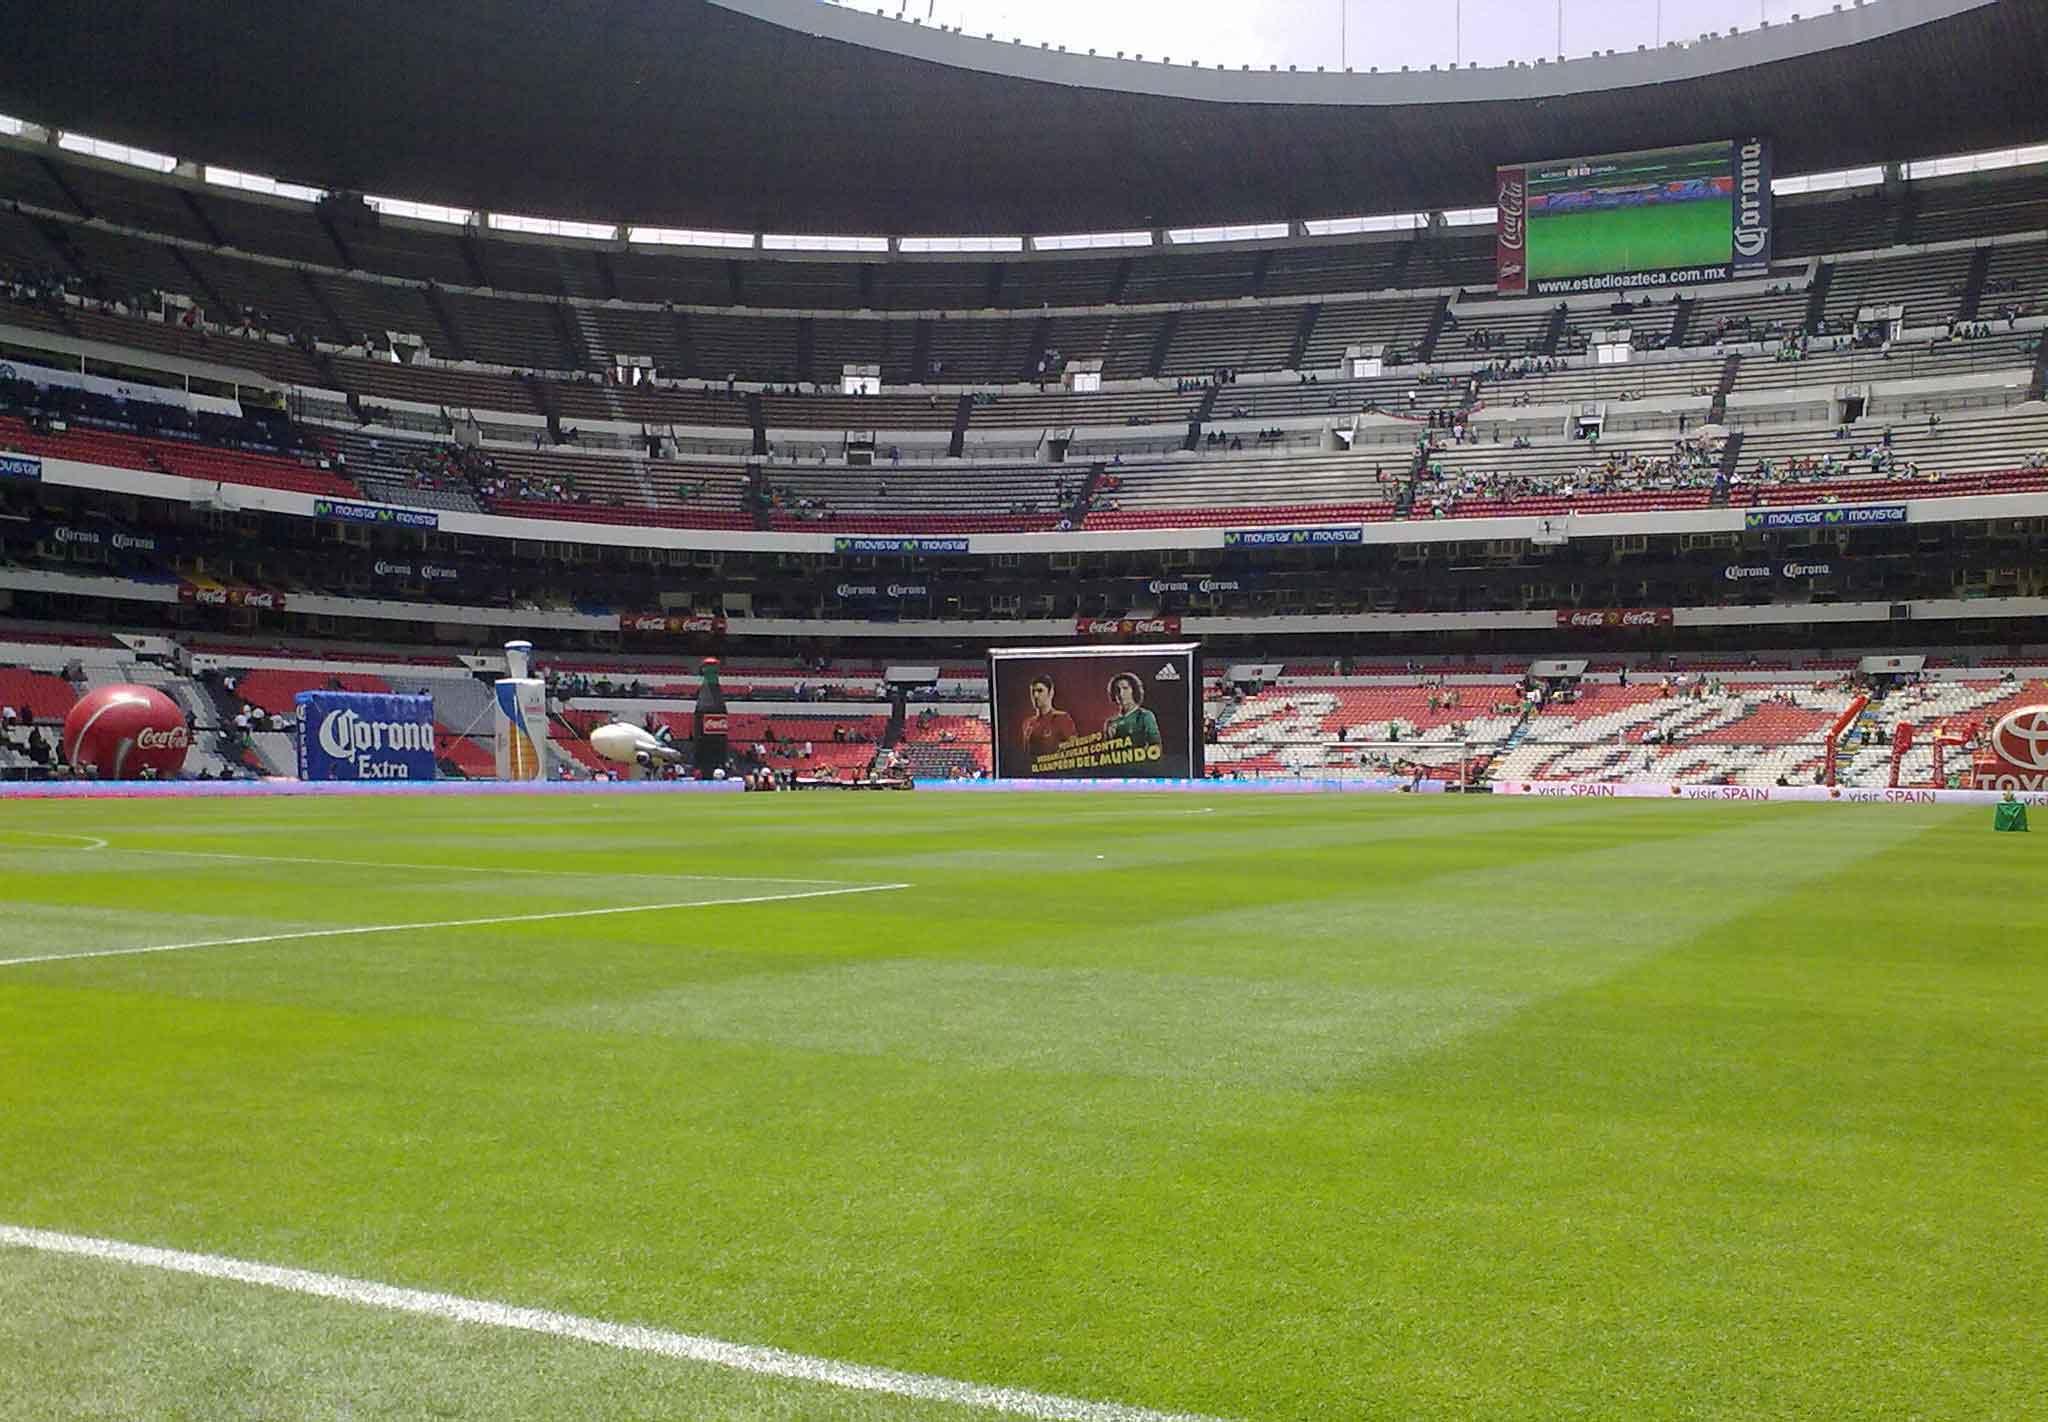 Galeria estadio azteca sports grass for Puerta 1 estadio azteca